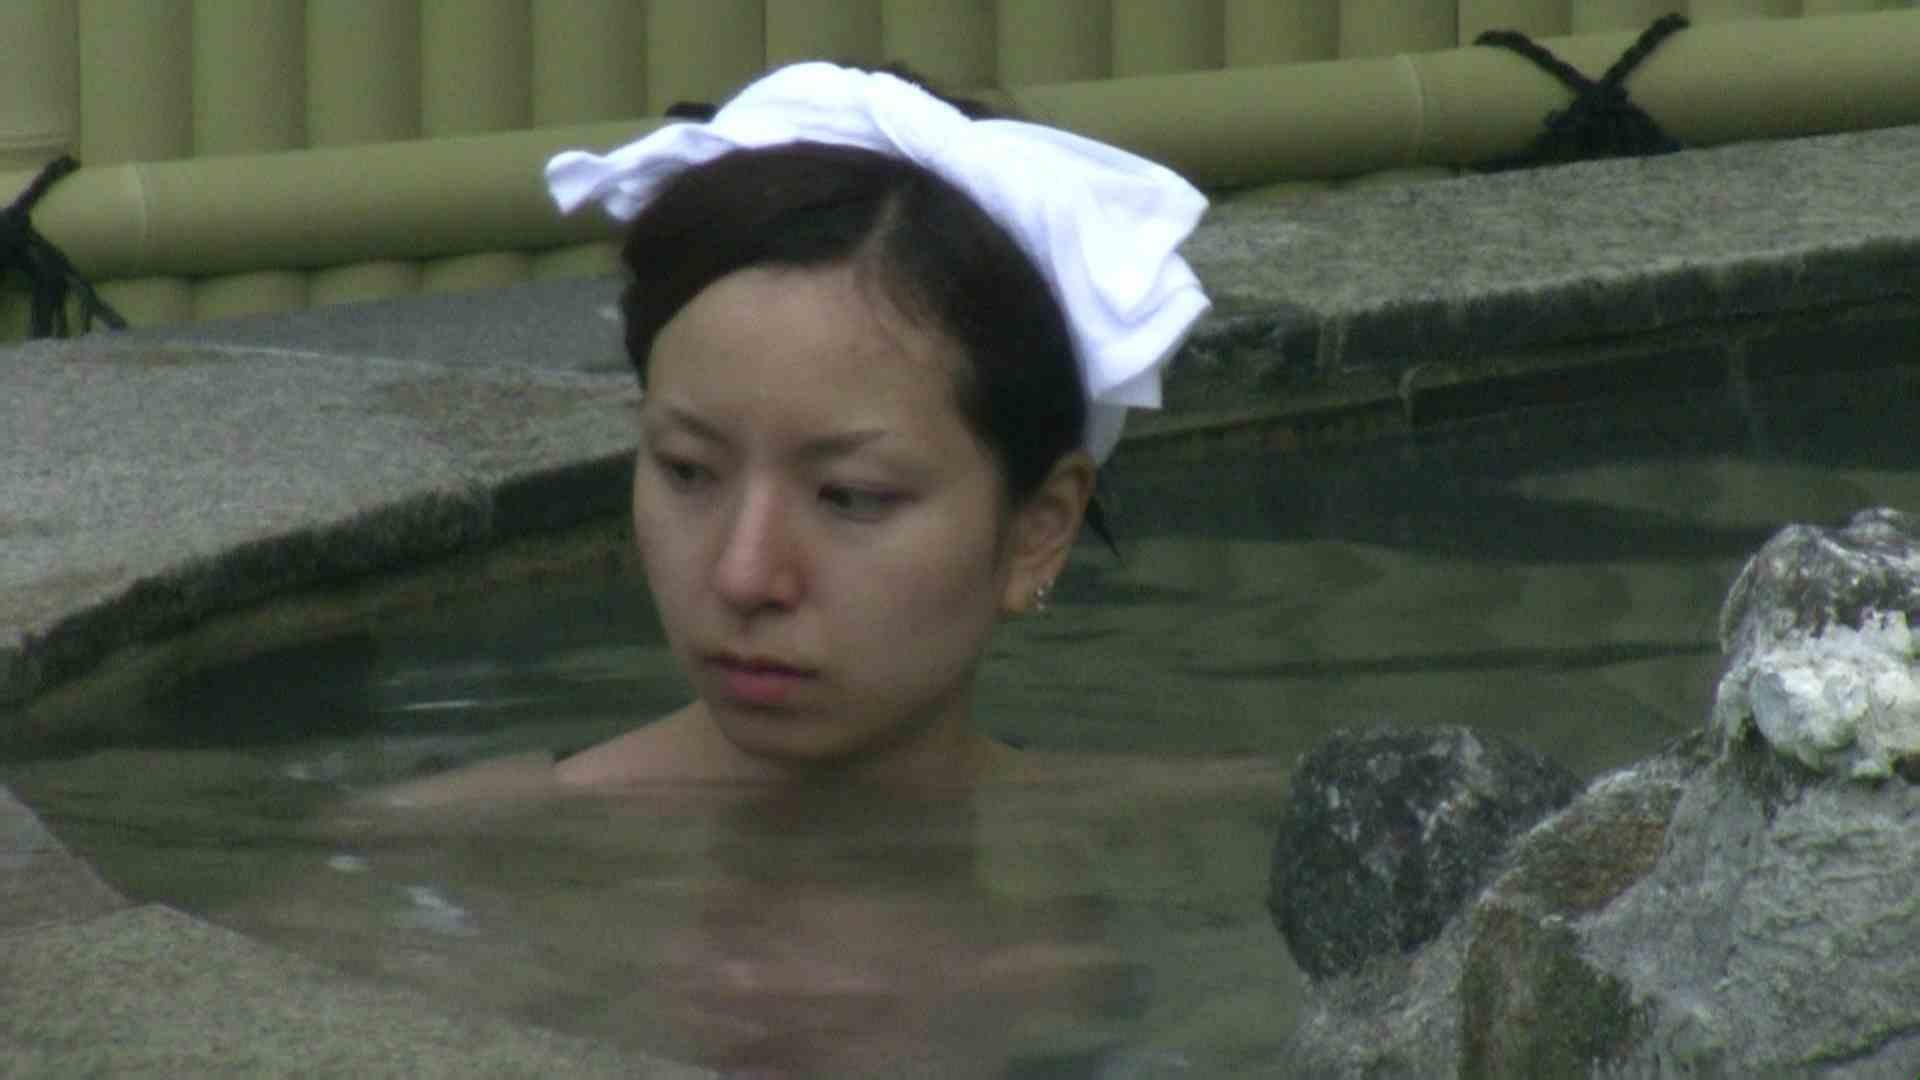 Aquaな露天風呂Vol.39【VIP】 露天 | 盗撮  111枚 37